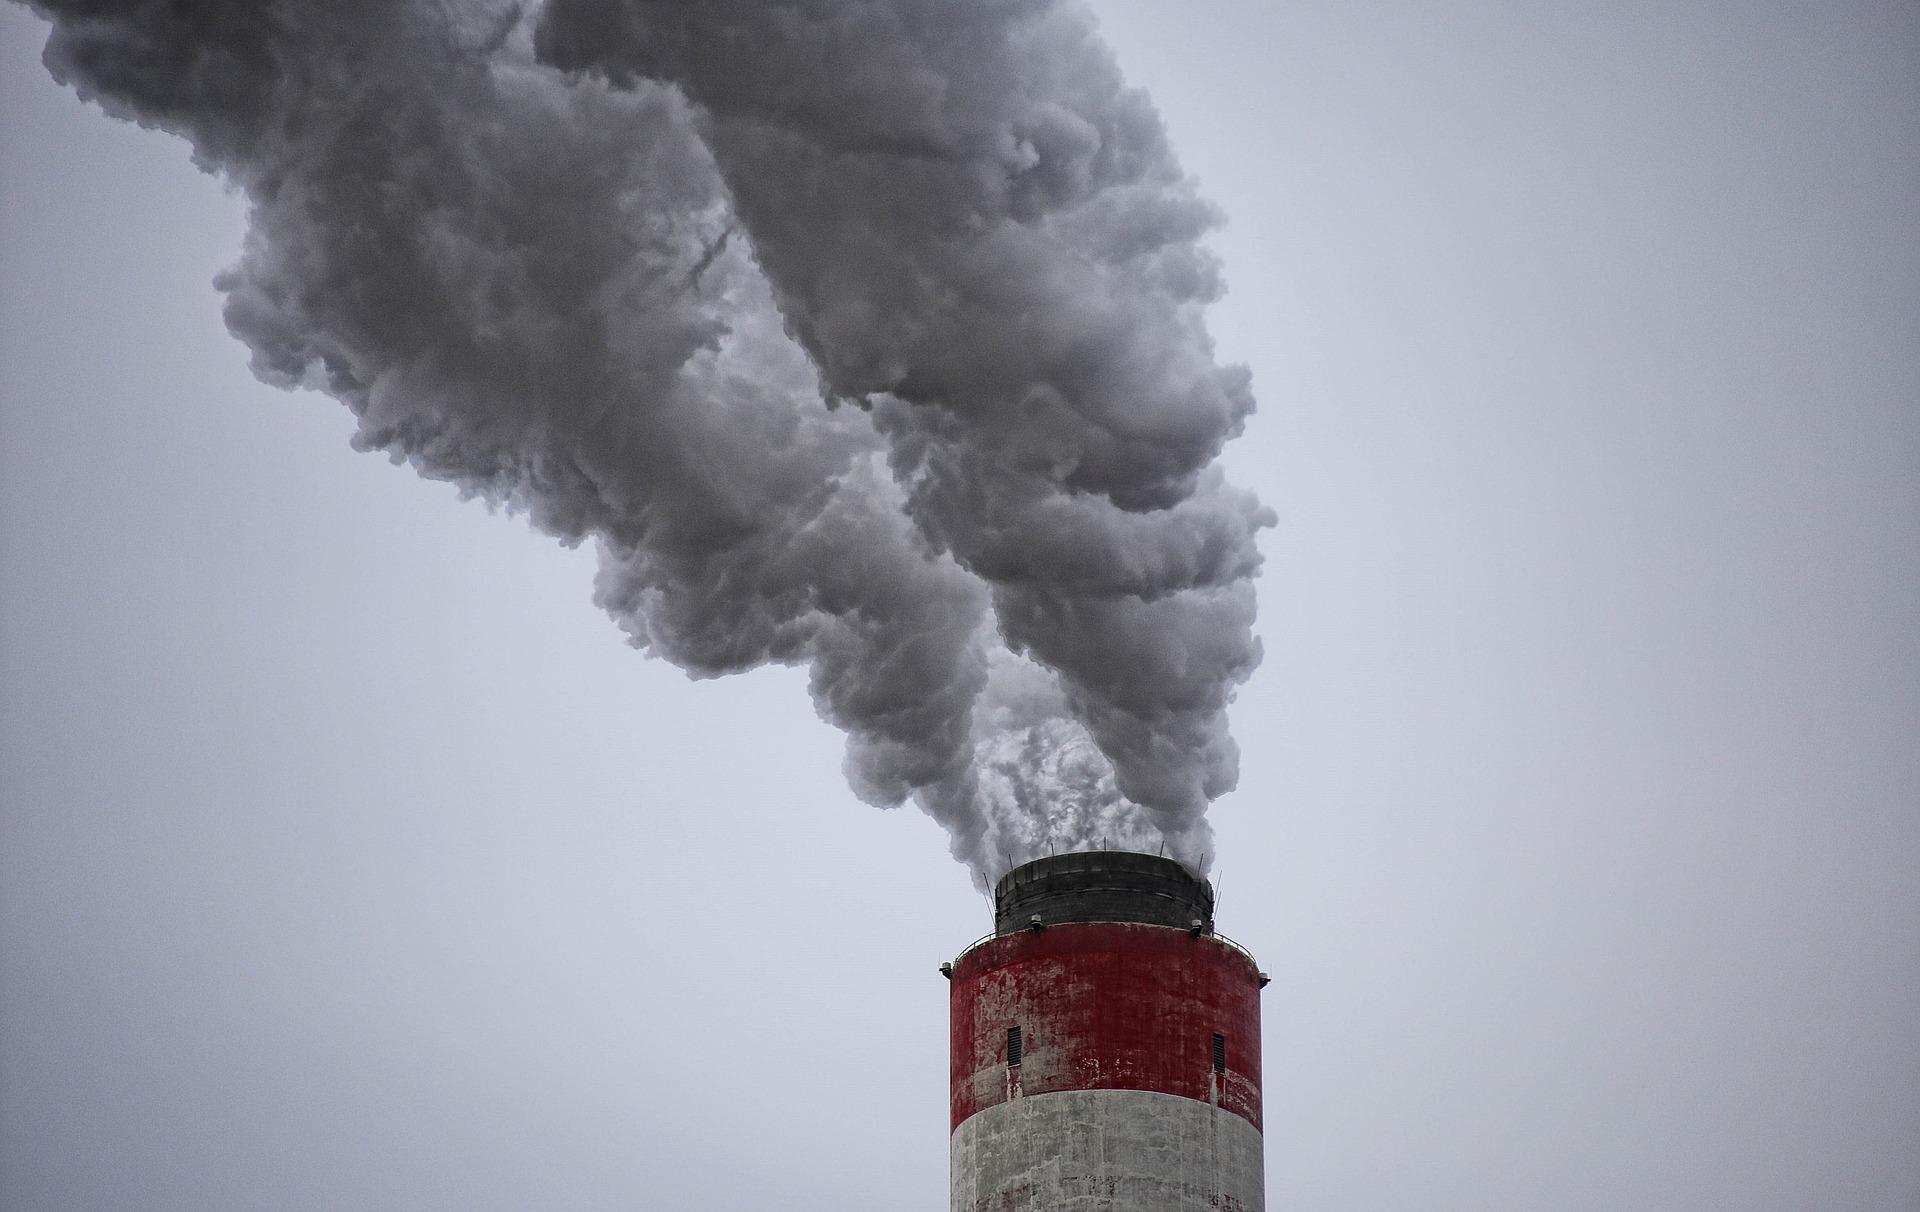 Poważne ostrzeżenie o  pyłach zagrażających  zdrowiu ludzi. Przez dwa  najbliższe dni  - Zdjęcie główne